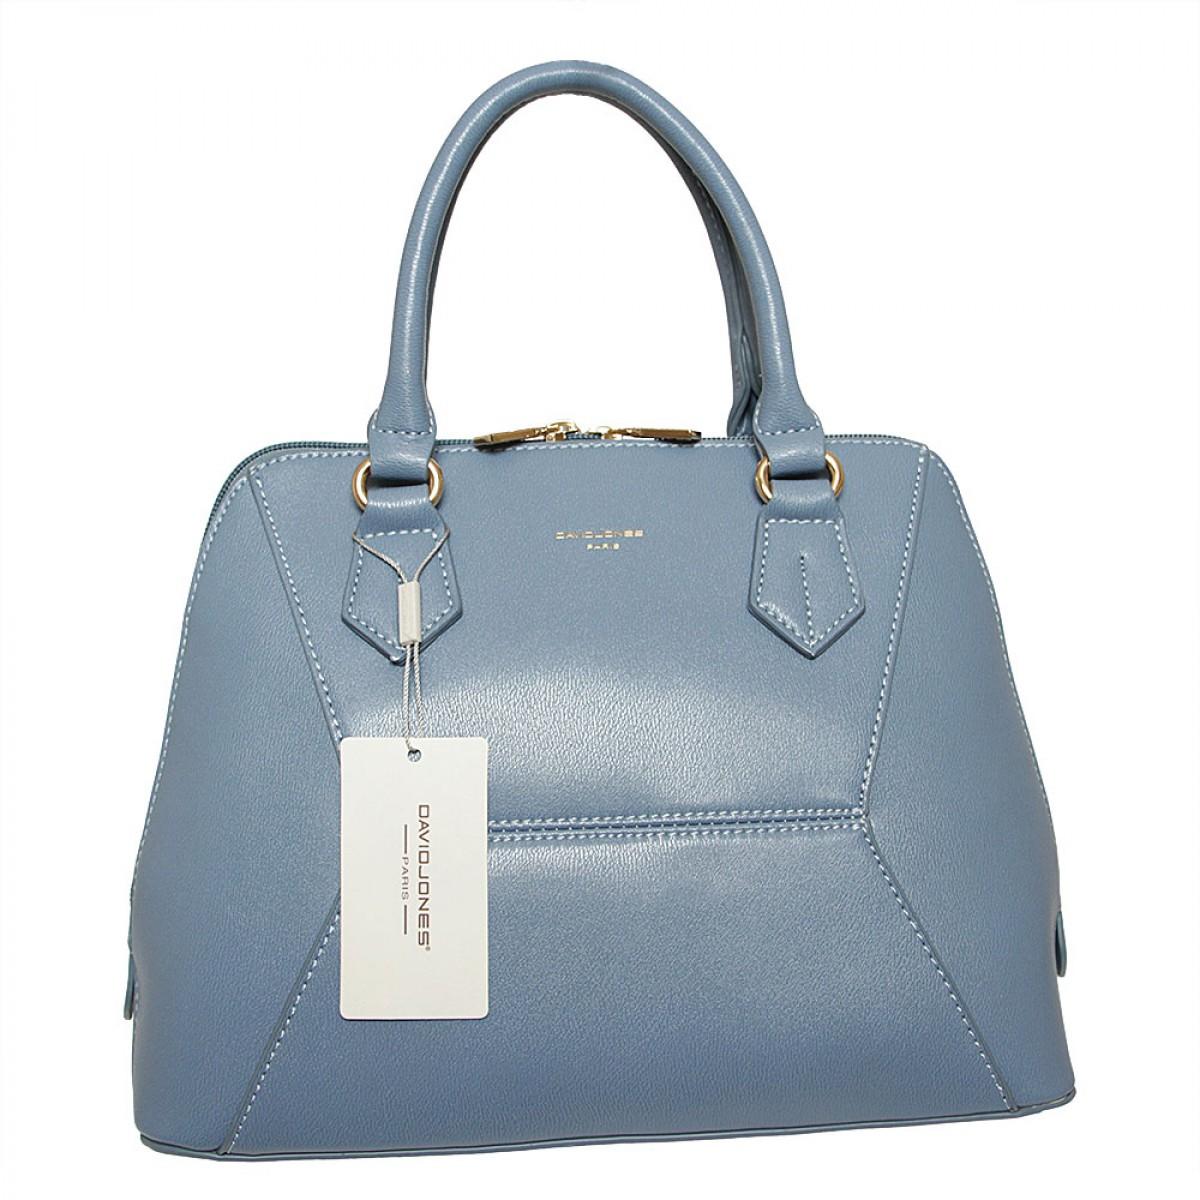 Жіноча сумка David Jones  5528-3 Blue